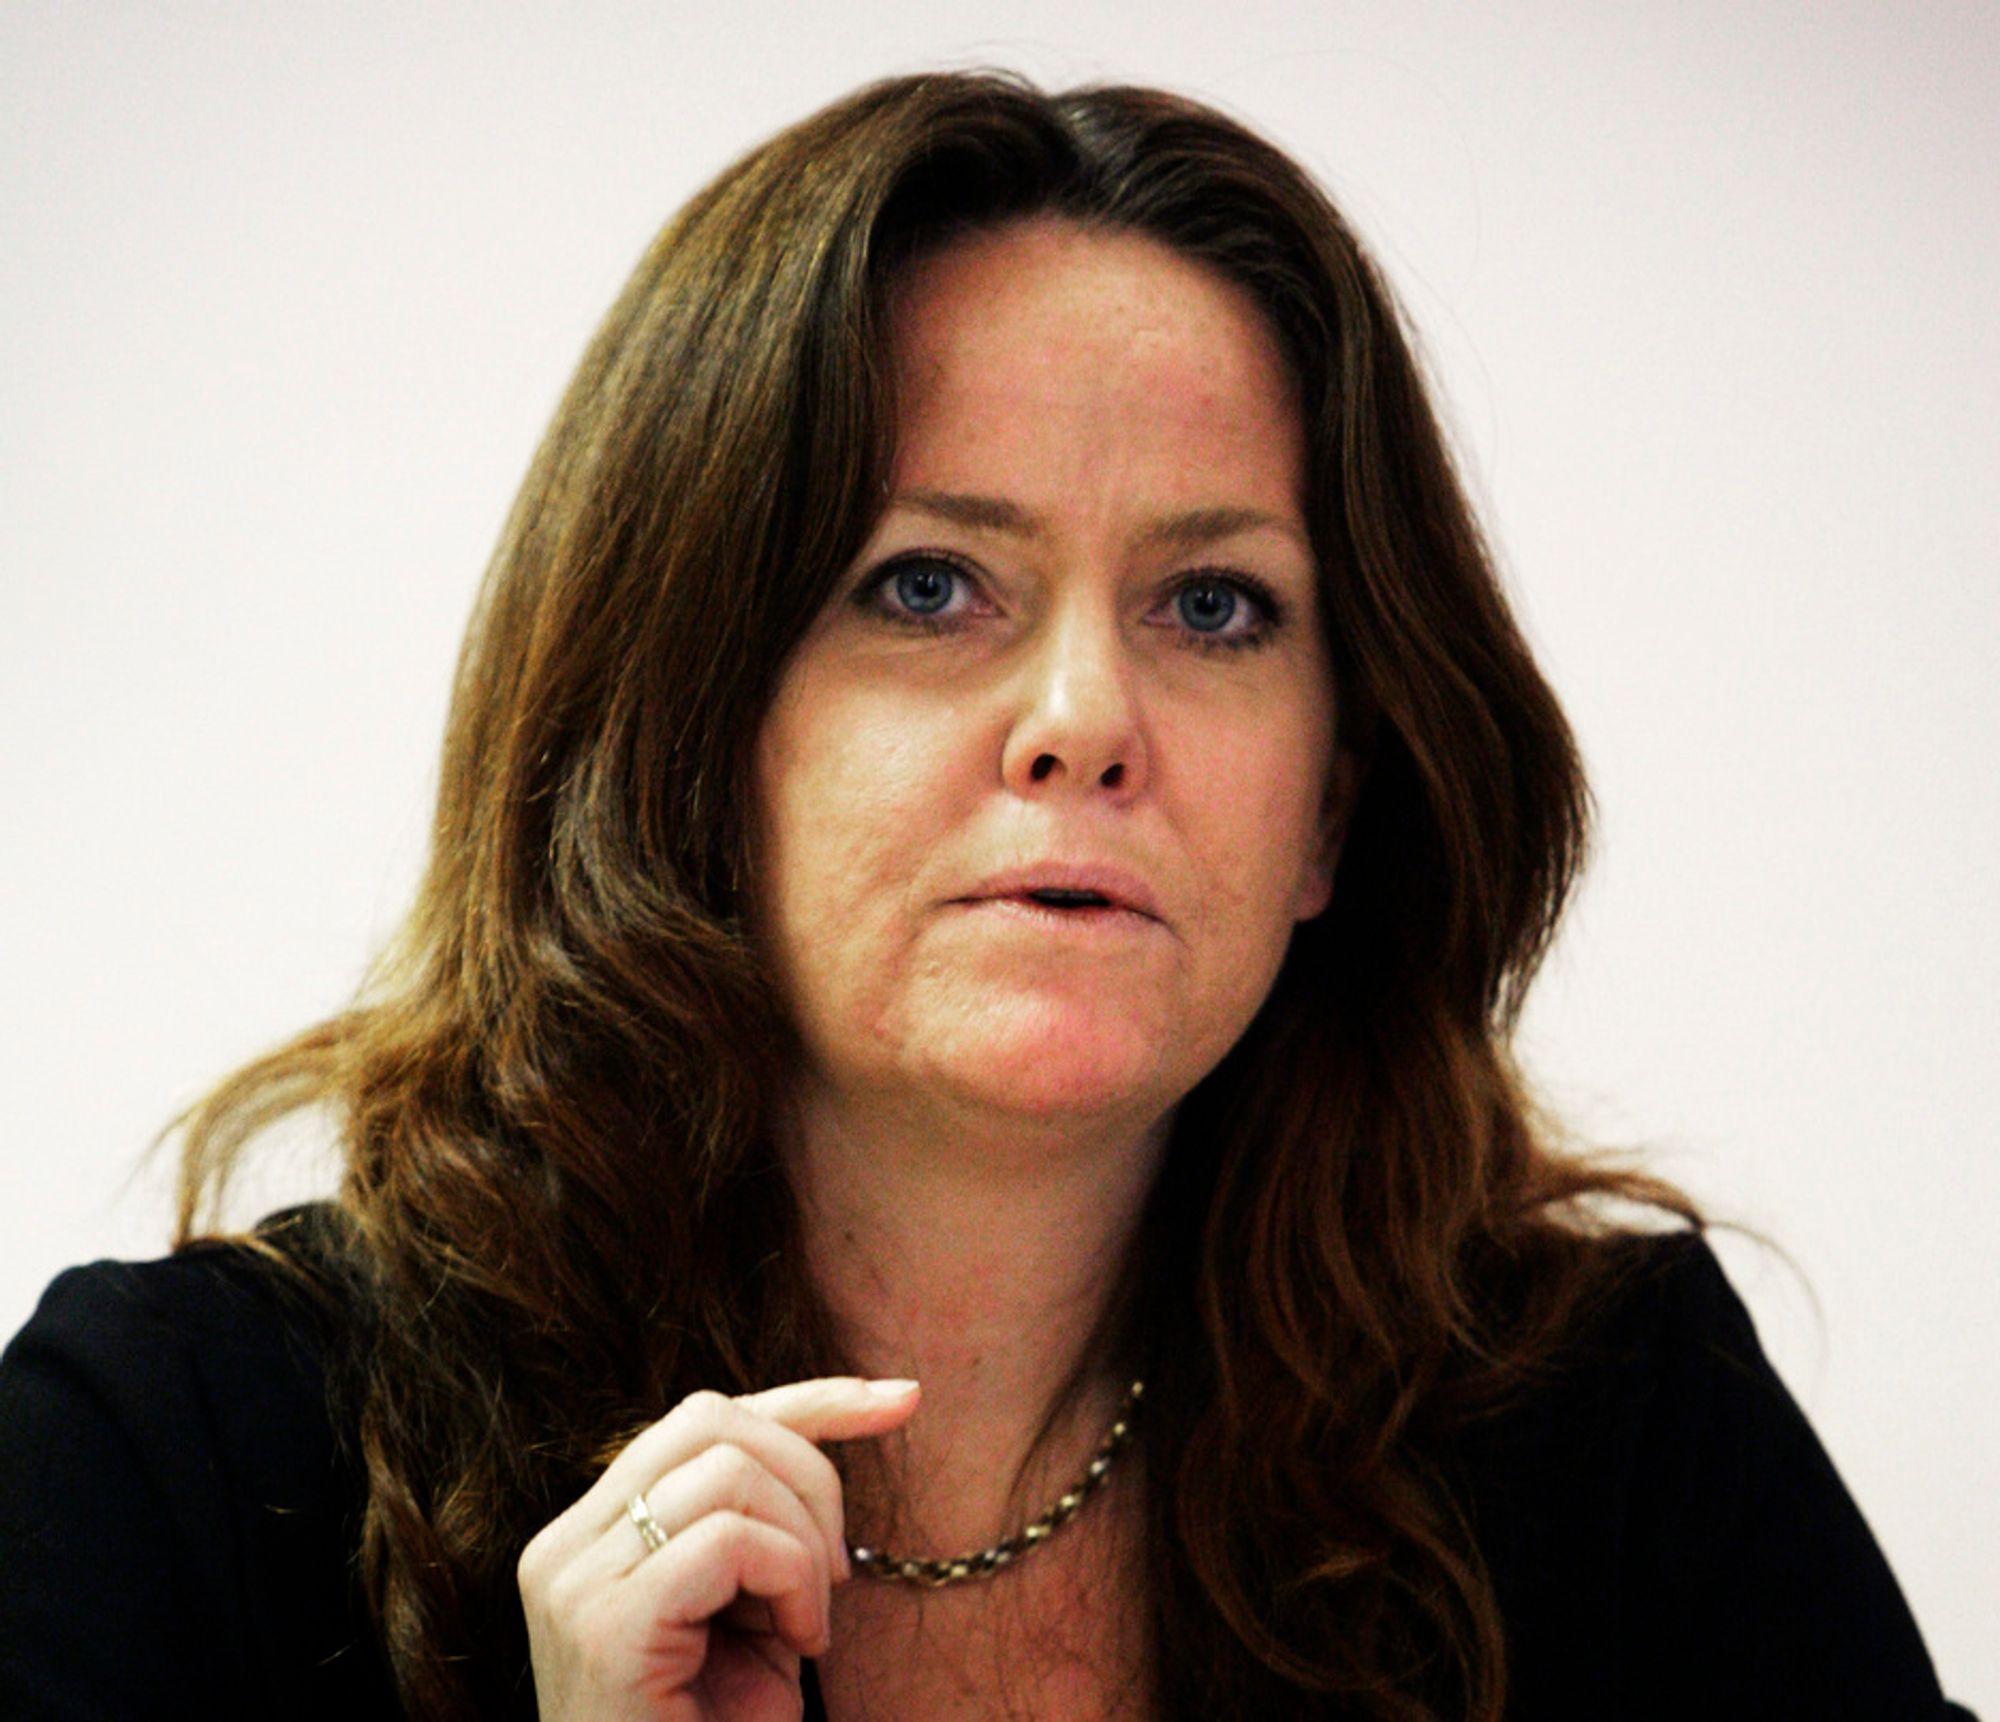 Statssekretær Heidi Sørensen i Miljøverndepartementet håper støtten til den pensjonerte Ultimat-gründeren skal gjøre at flere blir klar over materialet og gjenvinning av produkter. Fabrikken i seg selv får ikke støtte.